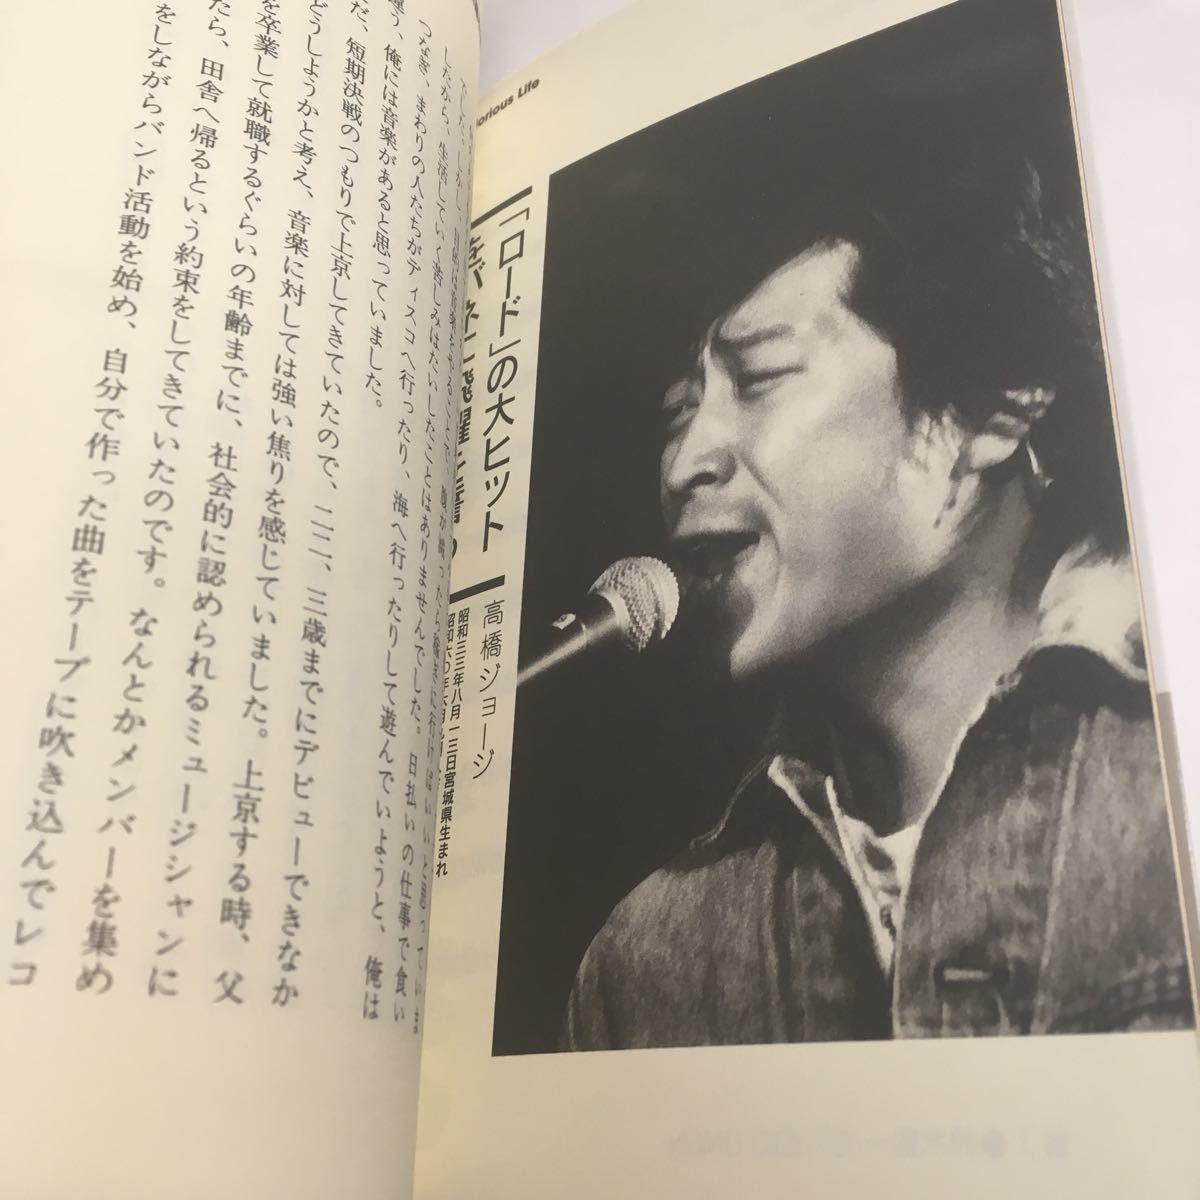 柴田 理恵 創価 学会